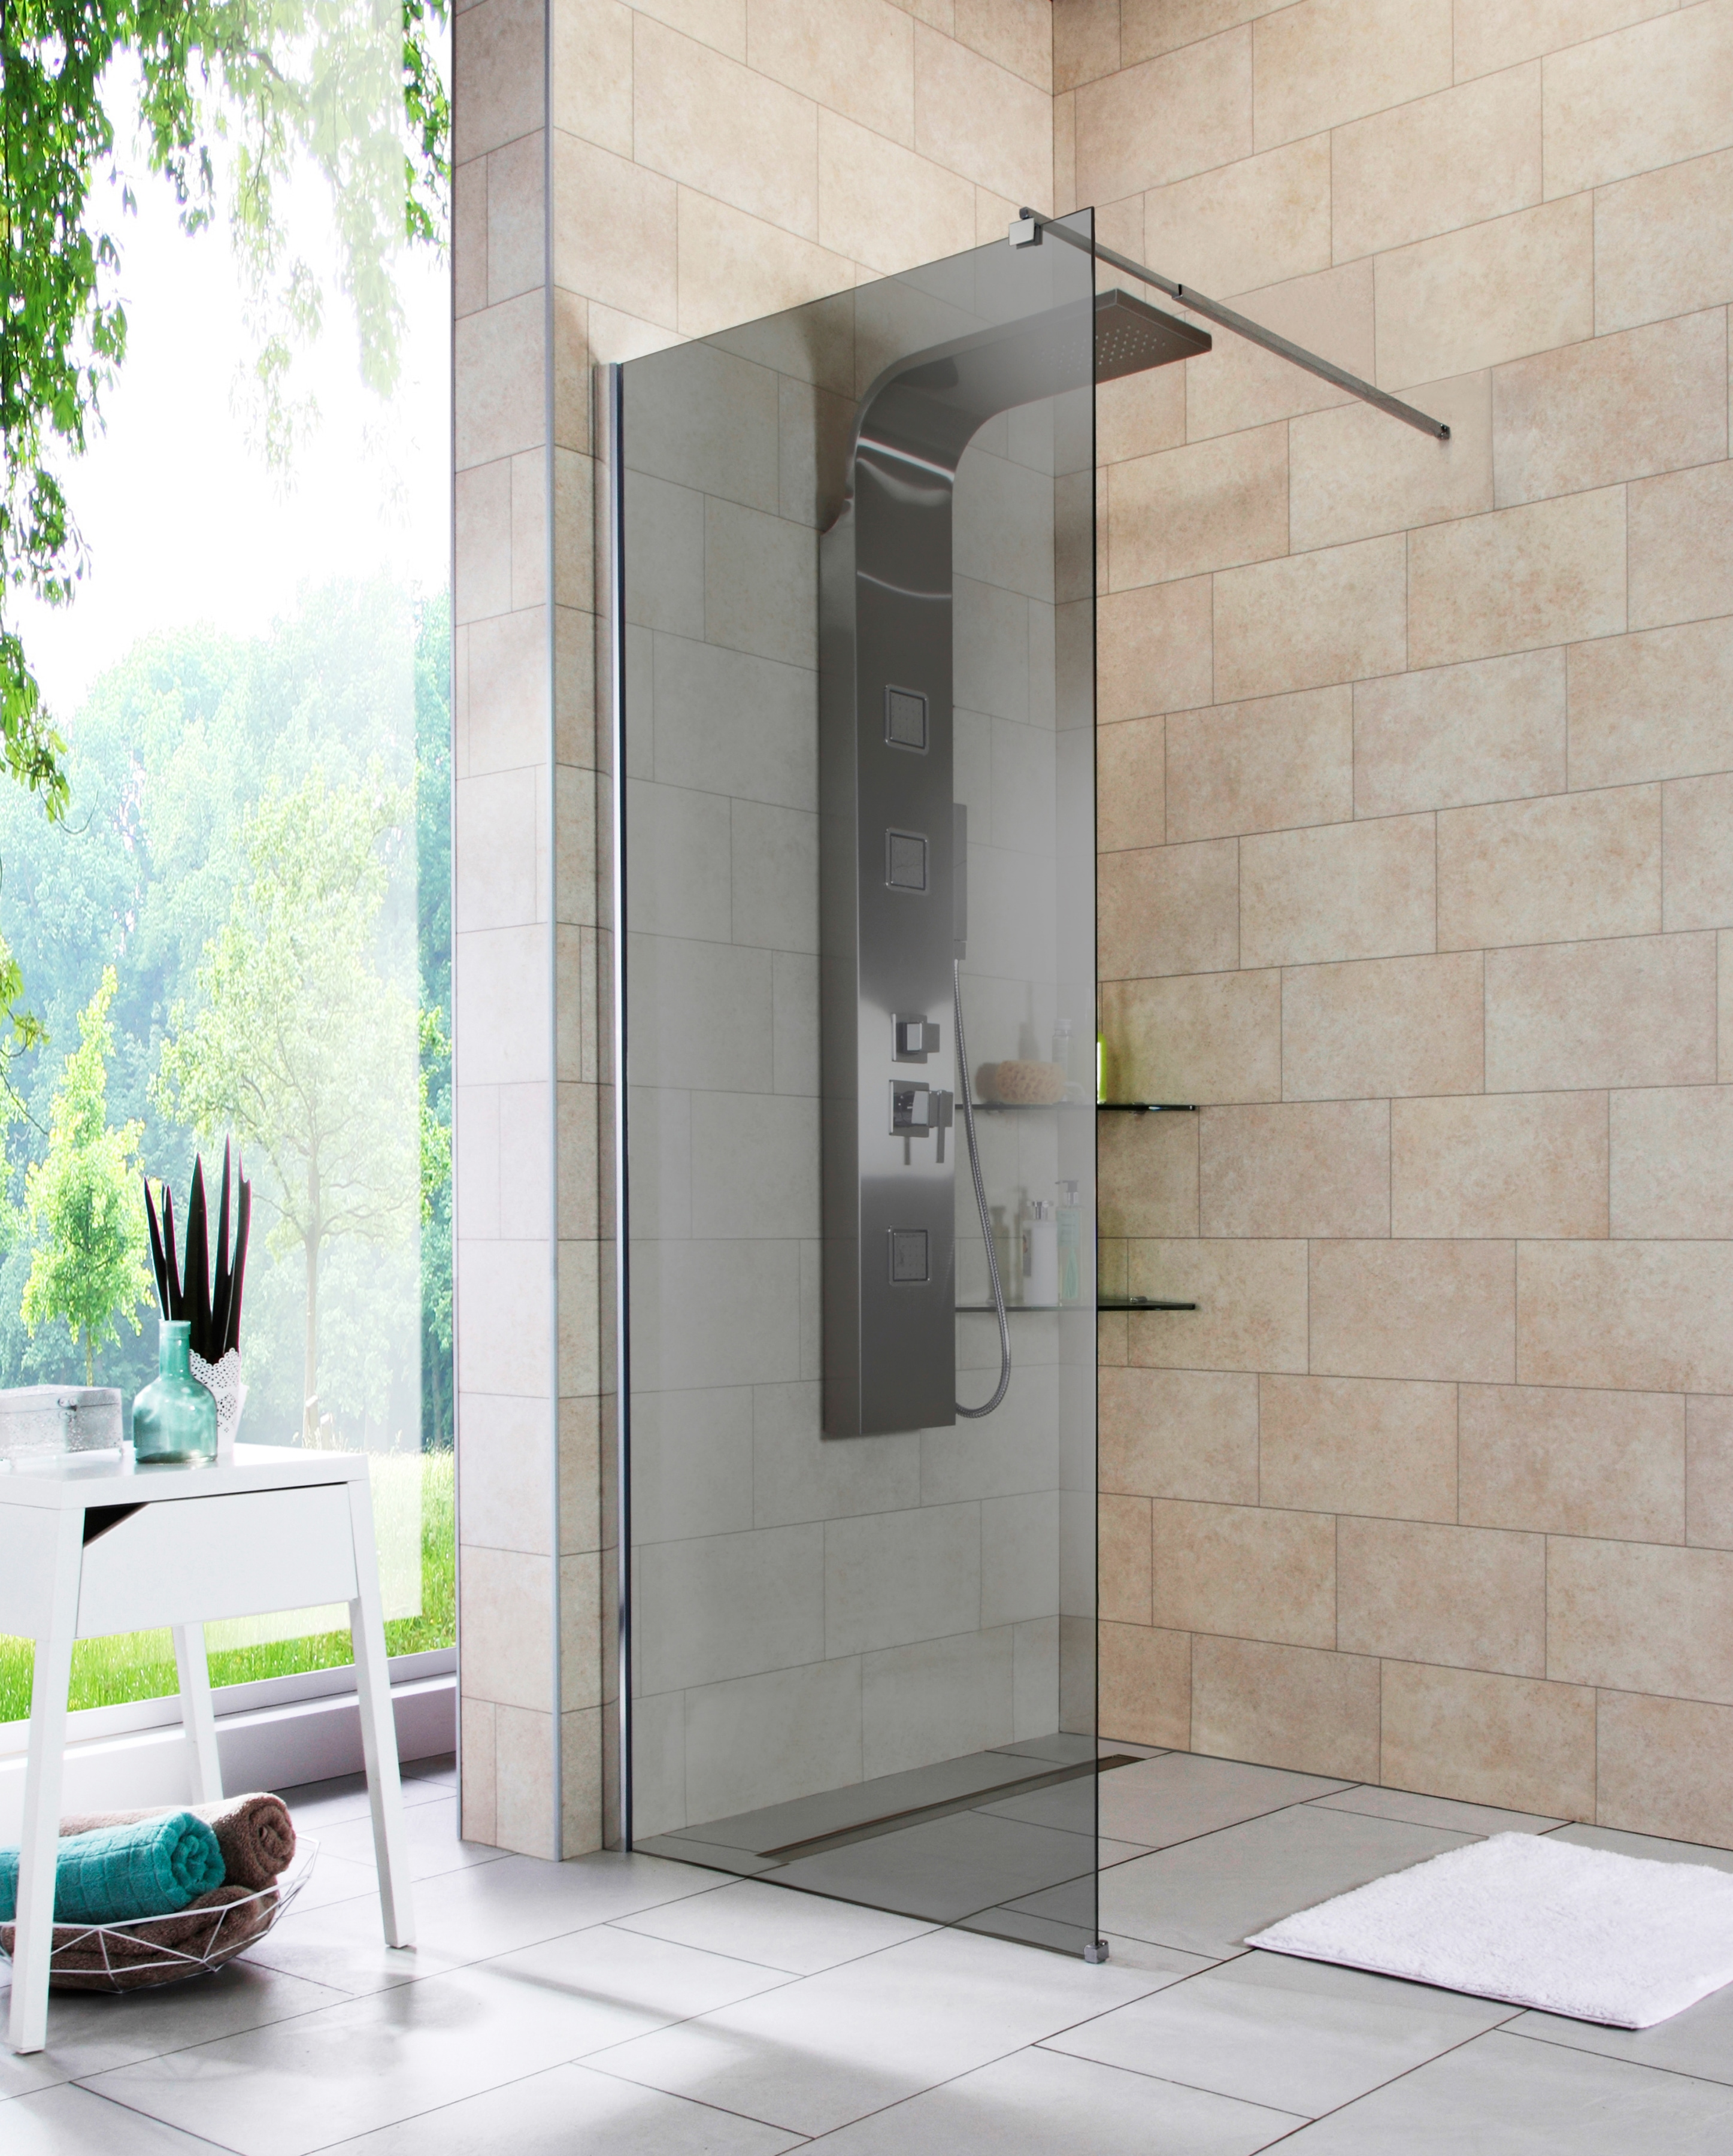 Walk-In Dusche »Duschabtrennung«, Breite 80 cm, Grauglas online bestellen |  BAUR